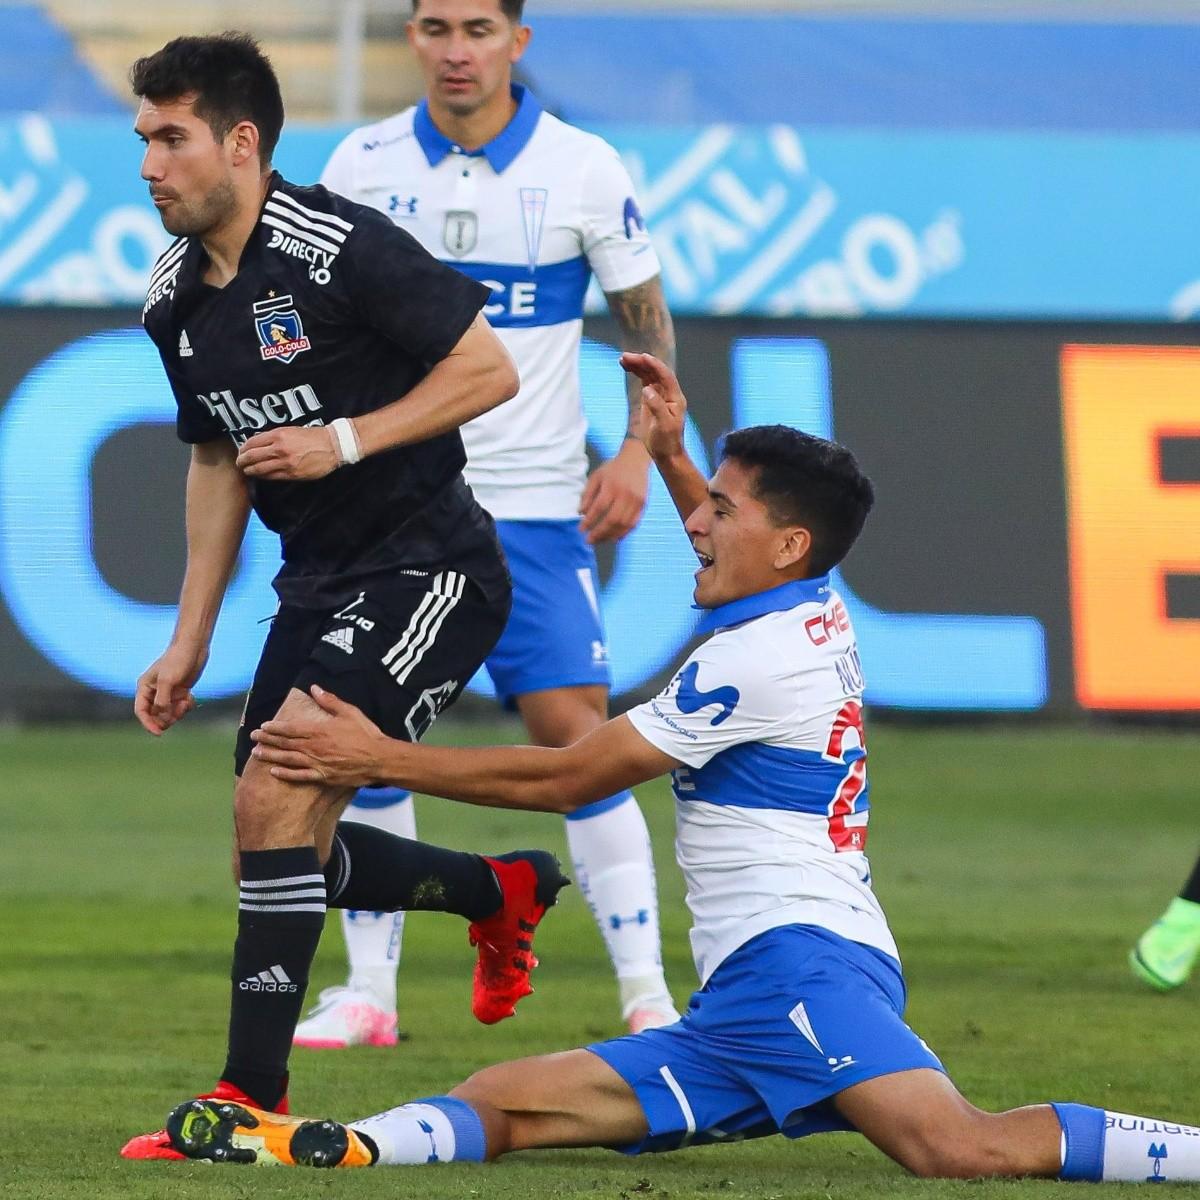 Universidad Católica 0-0 Colo Colo | RESULTADO, RESUMEN, VIDEO y GOLES | Fecha 11 Campeonato Nacional 2021 | Dale Albo